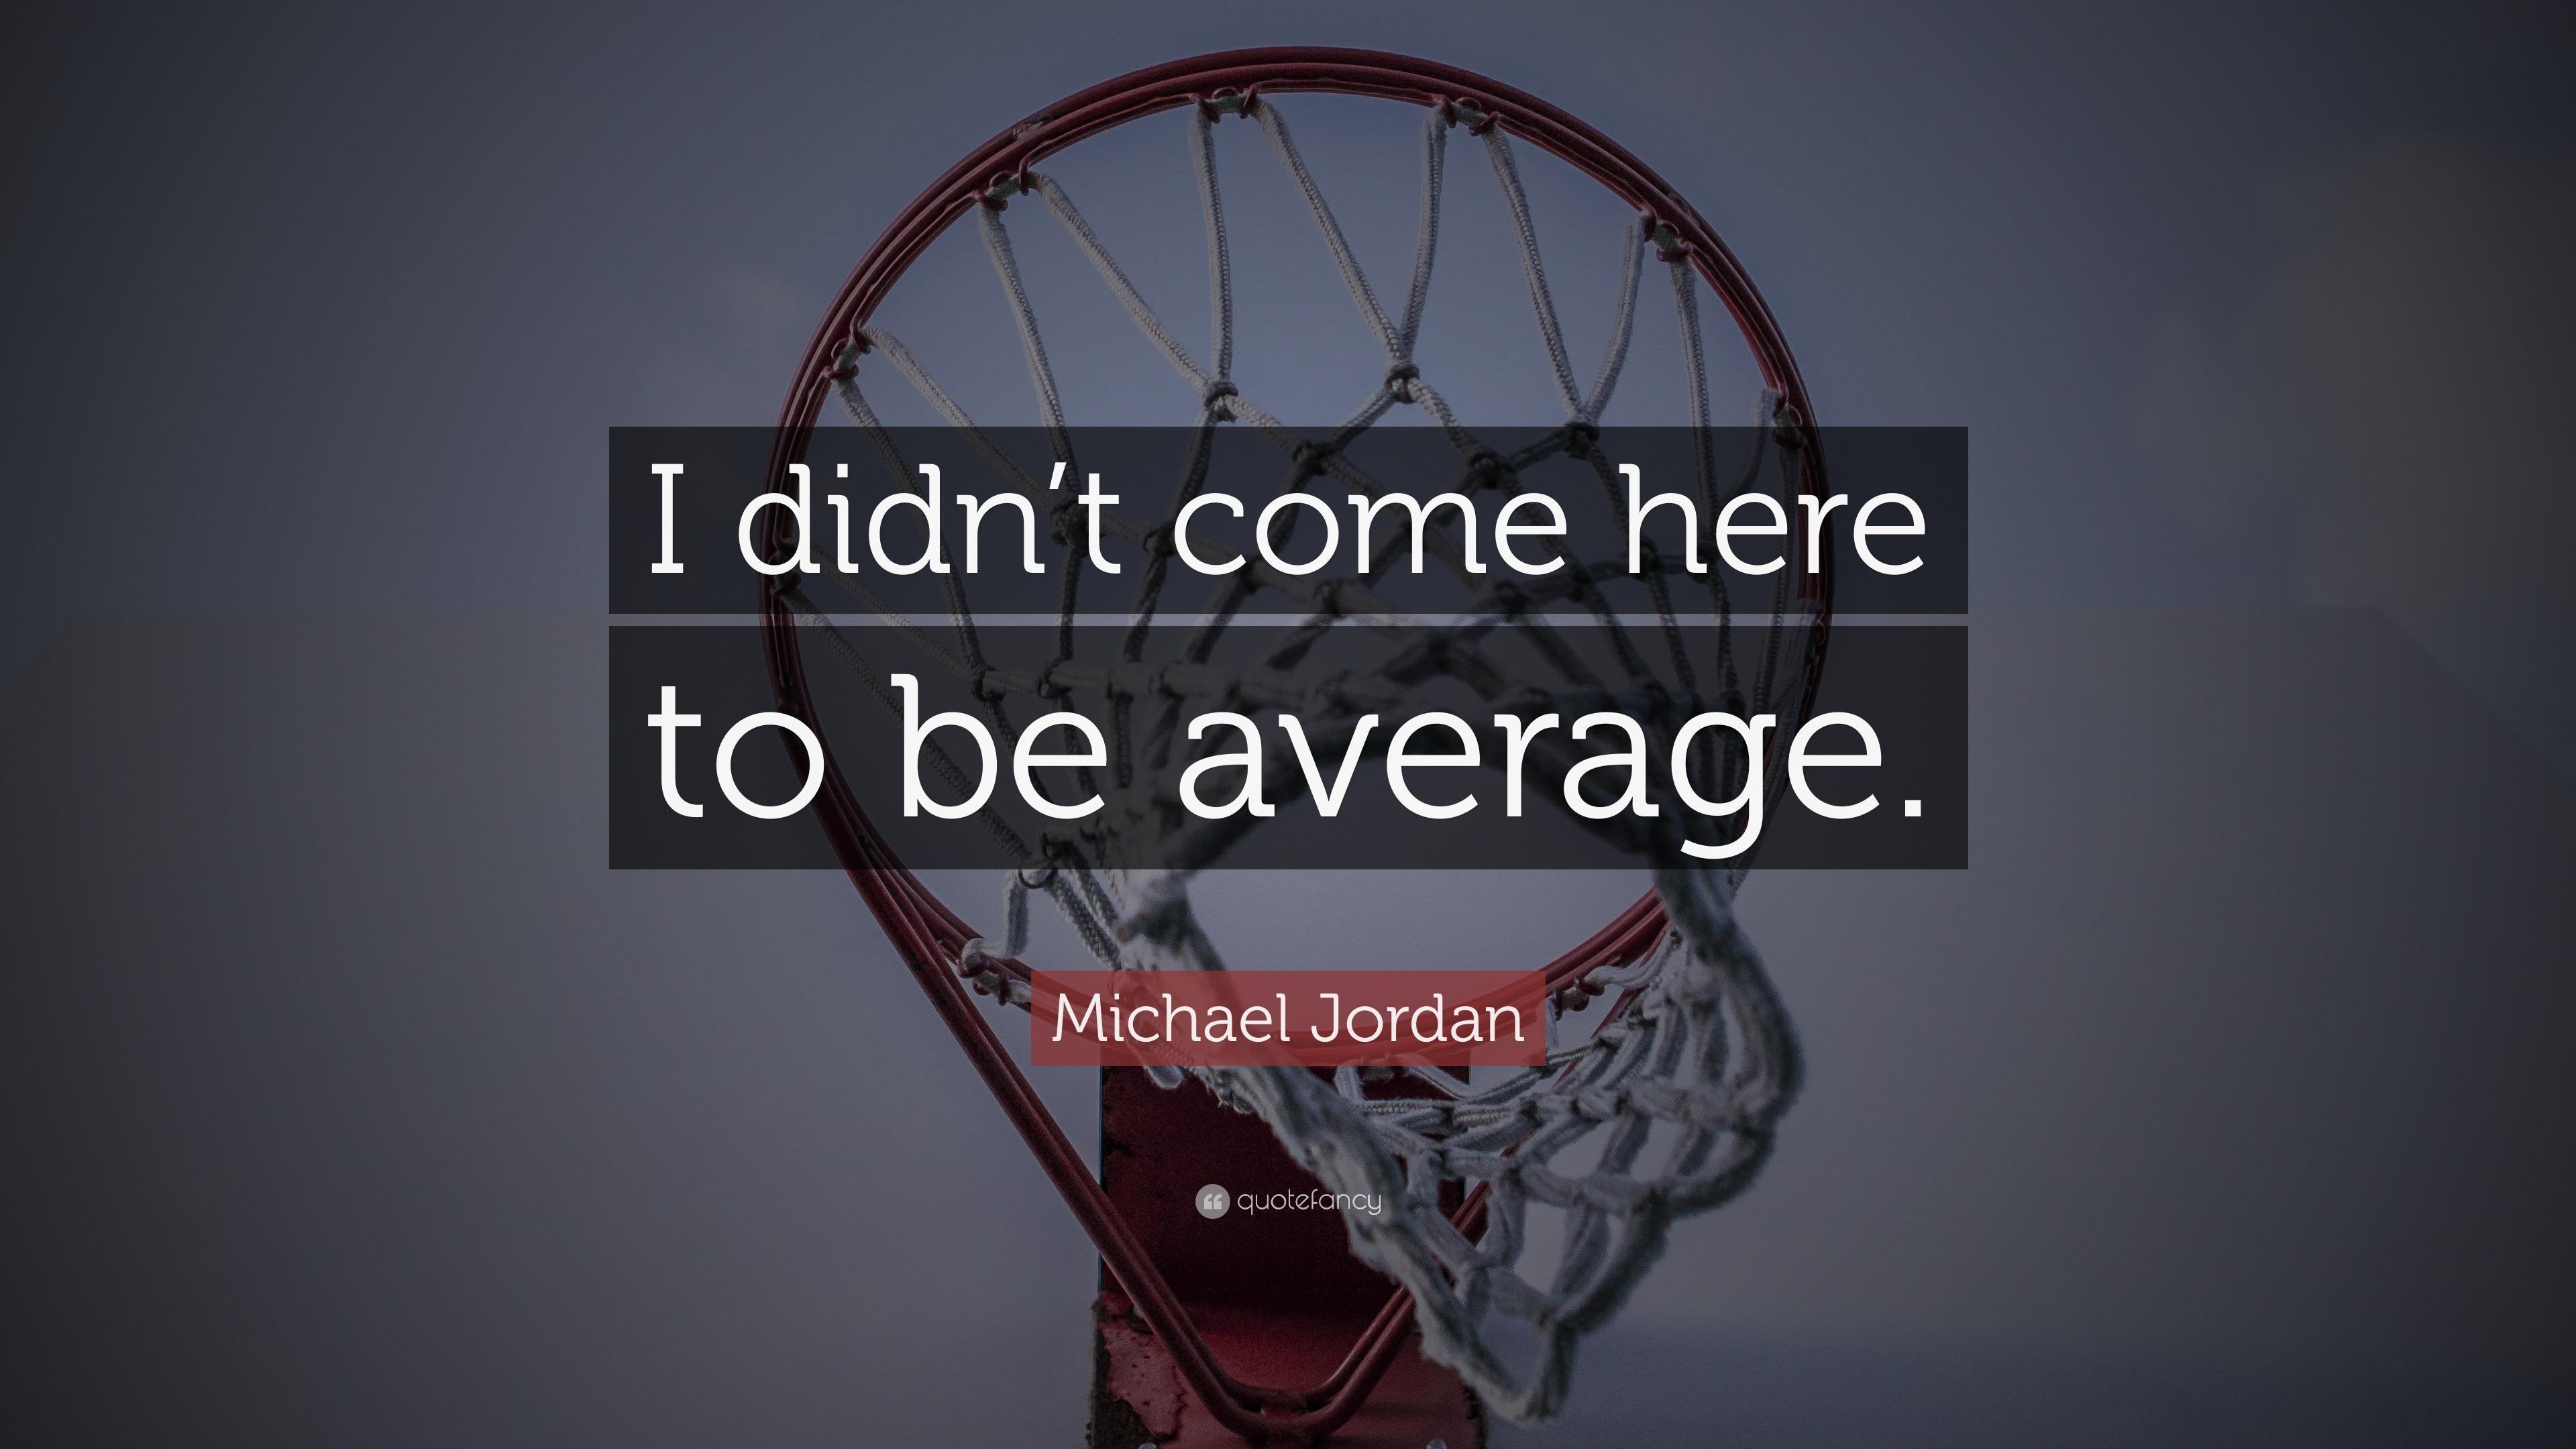 Michael Jordan Quote Hd Wallpapers Free Download: Michael Jordan Quotes (100 Wallpapers)